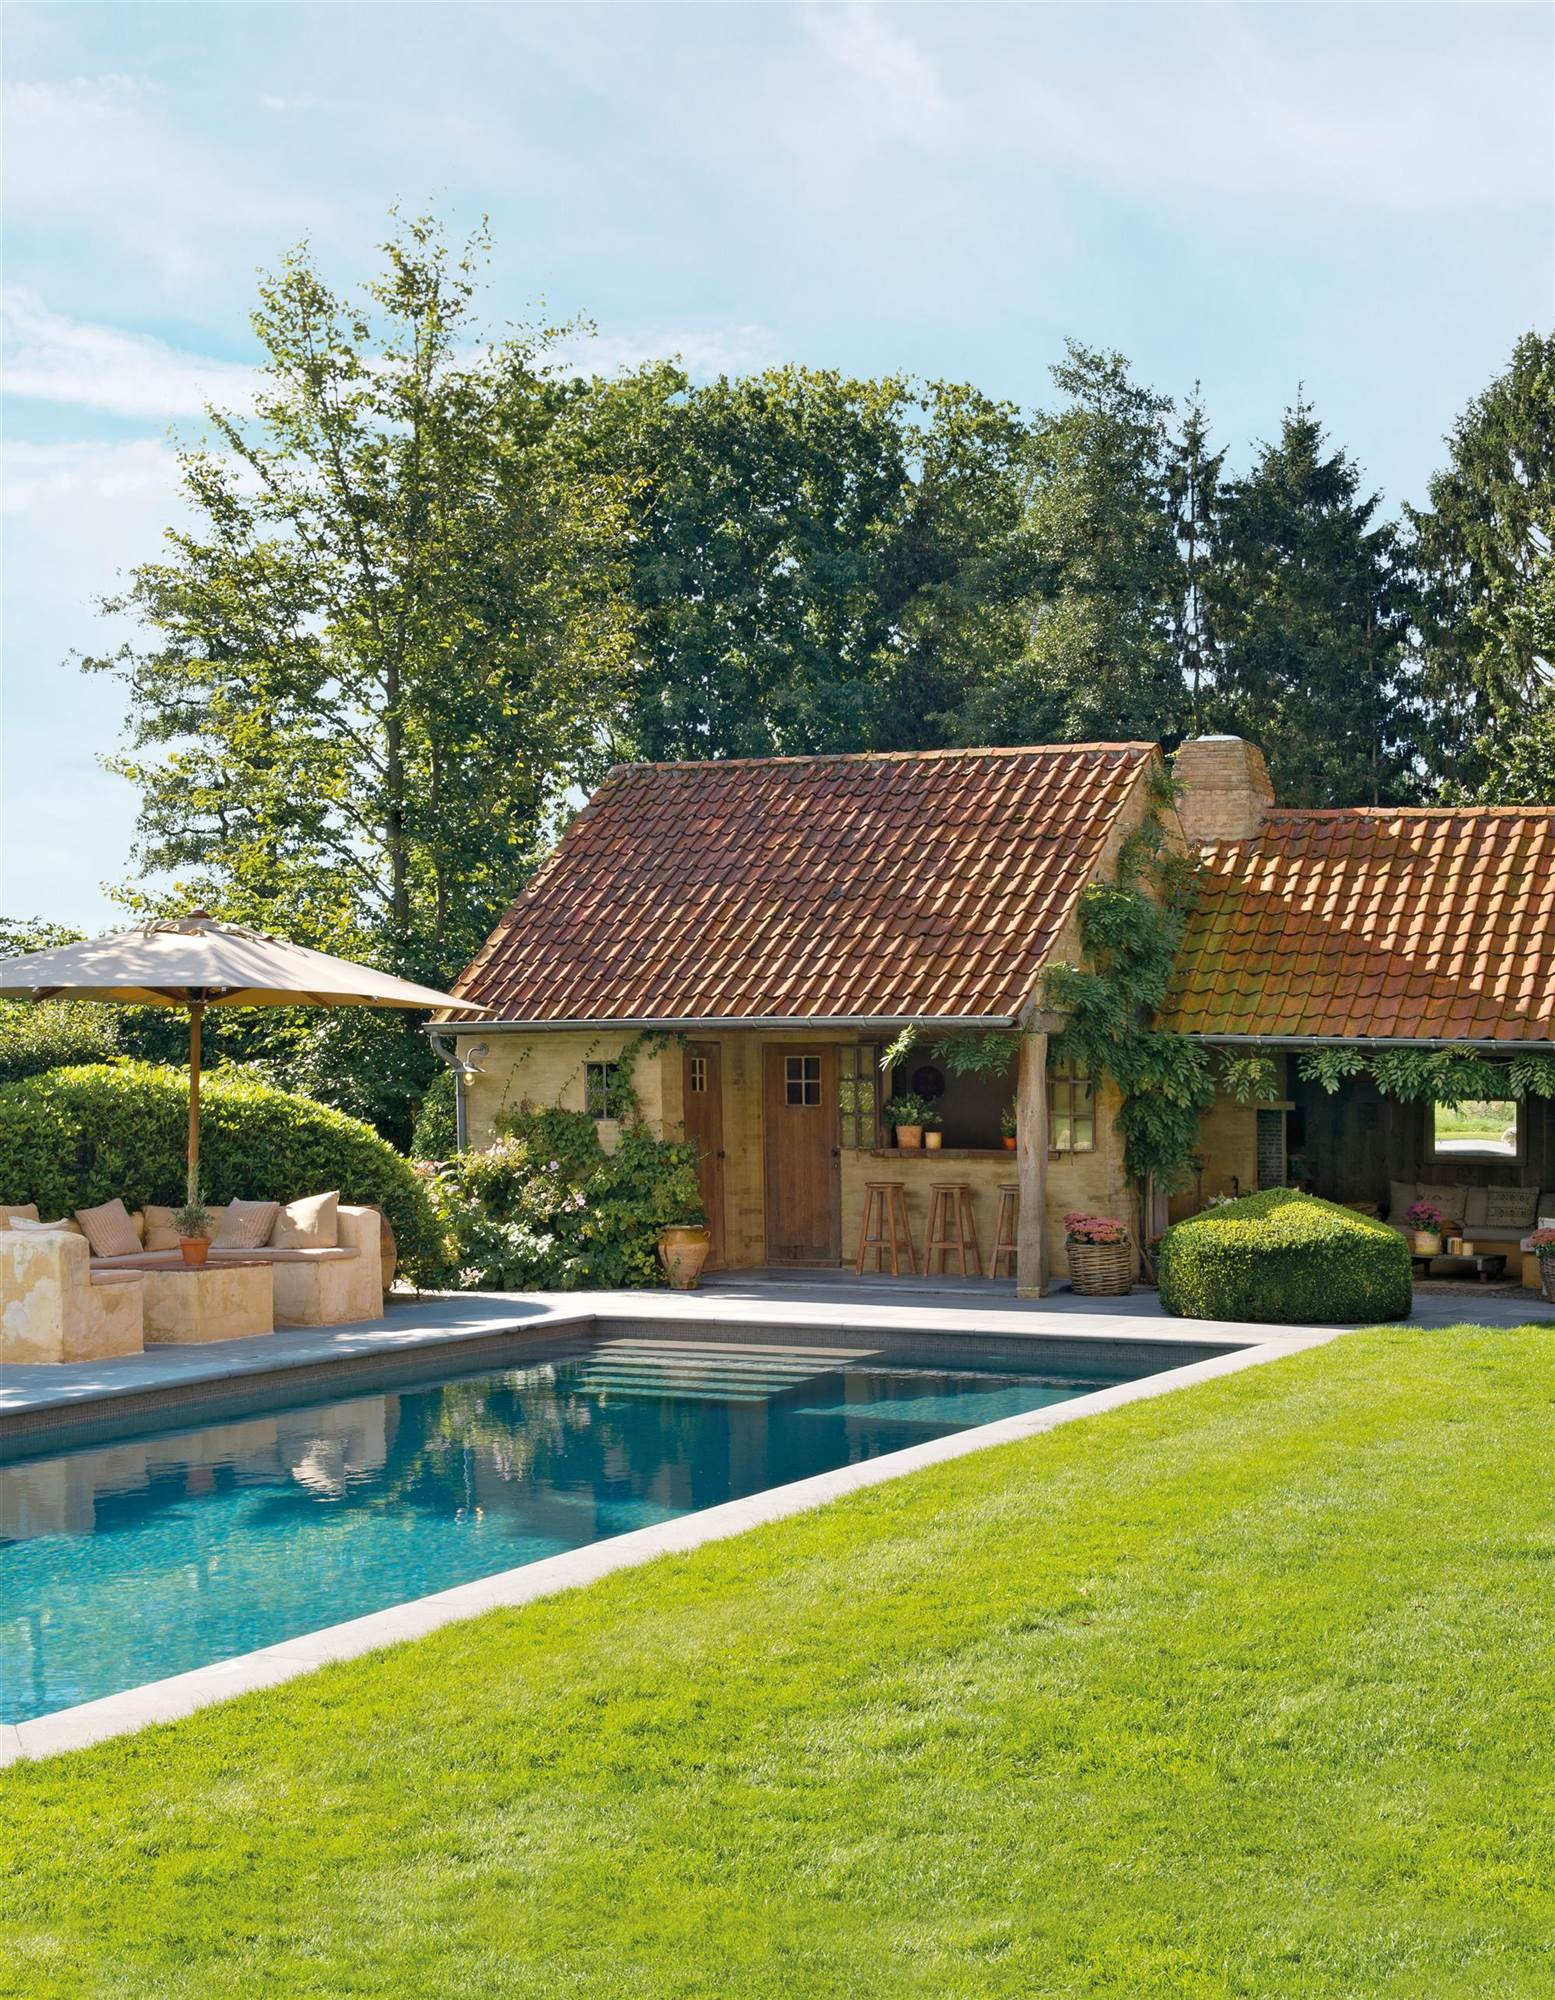 Las 50 mejores piscinas de el mueble for Ideas piscinas jardin